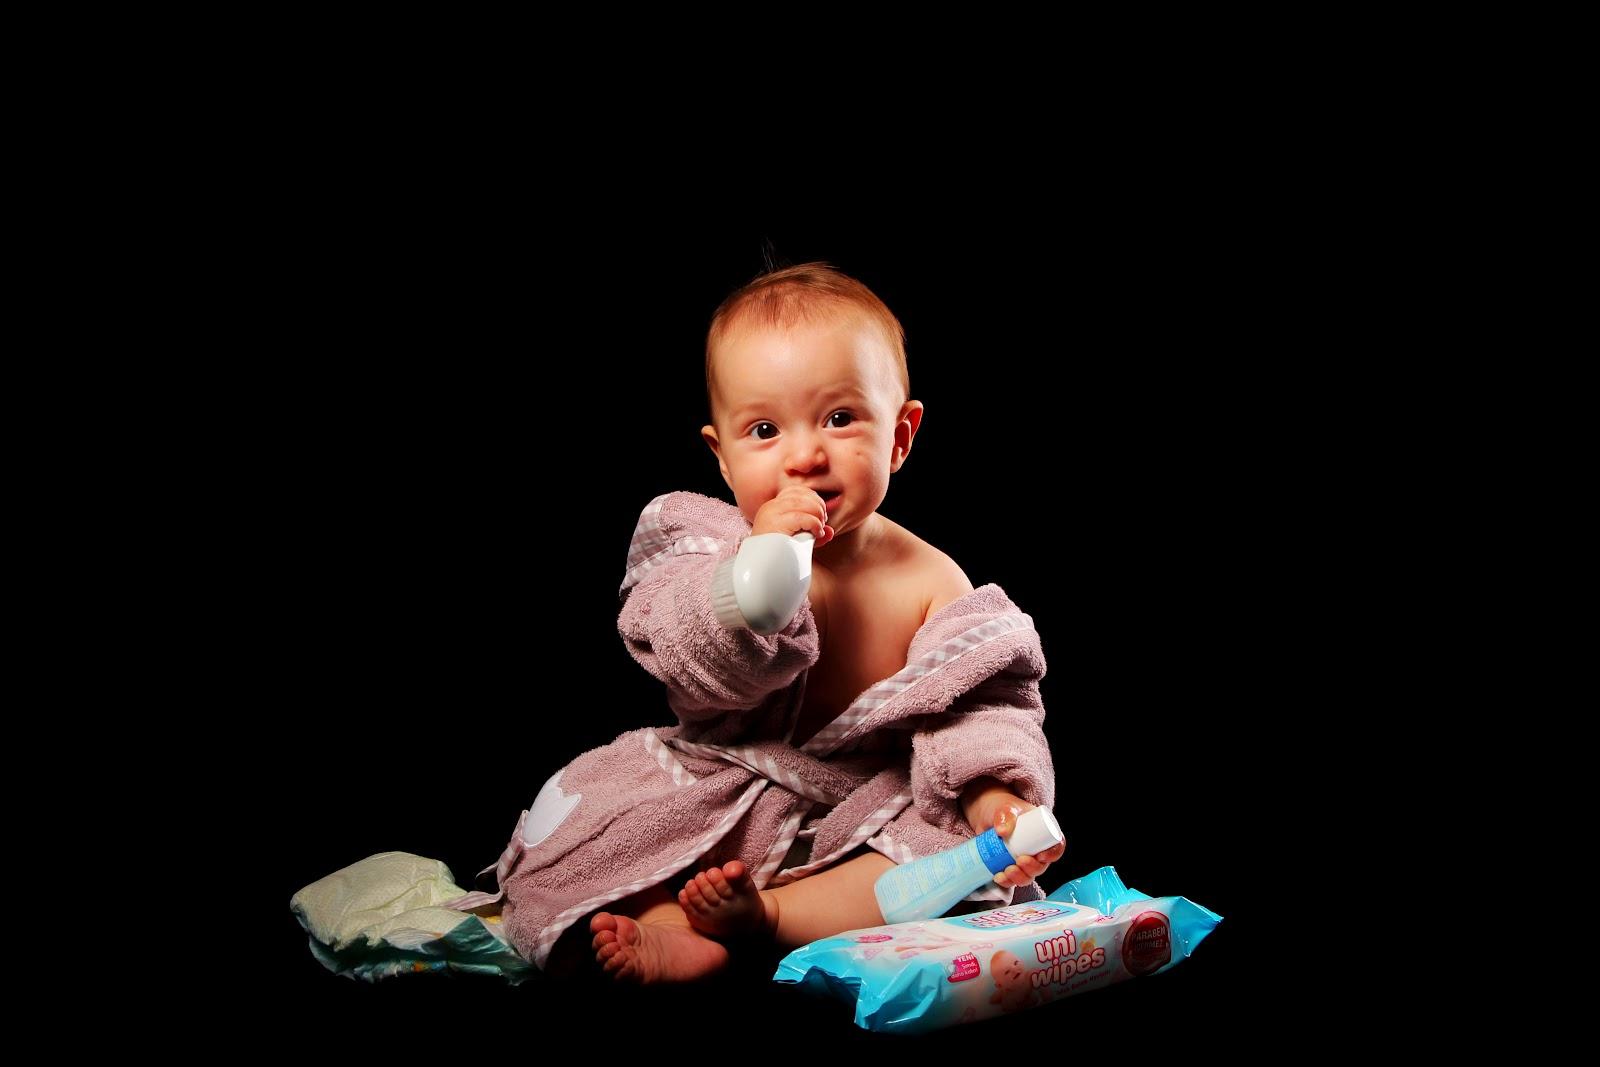 Bebek bakımı ile ilgili bilgiler